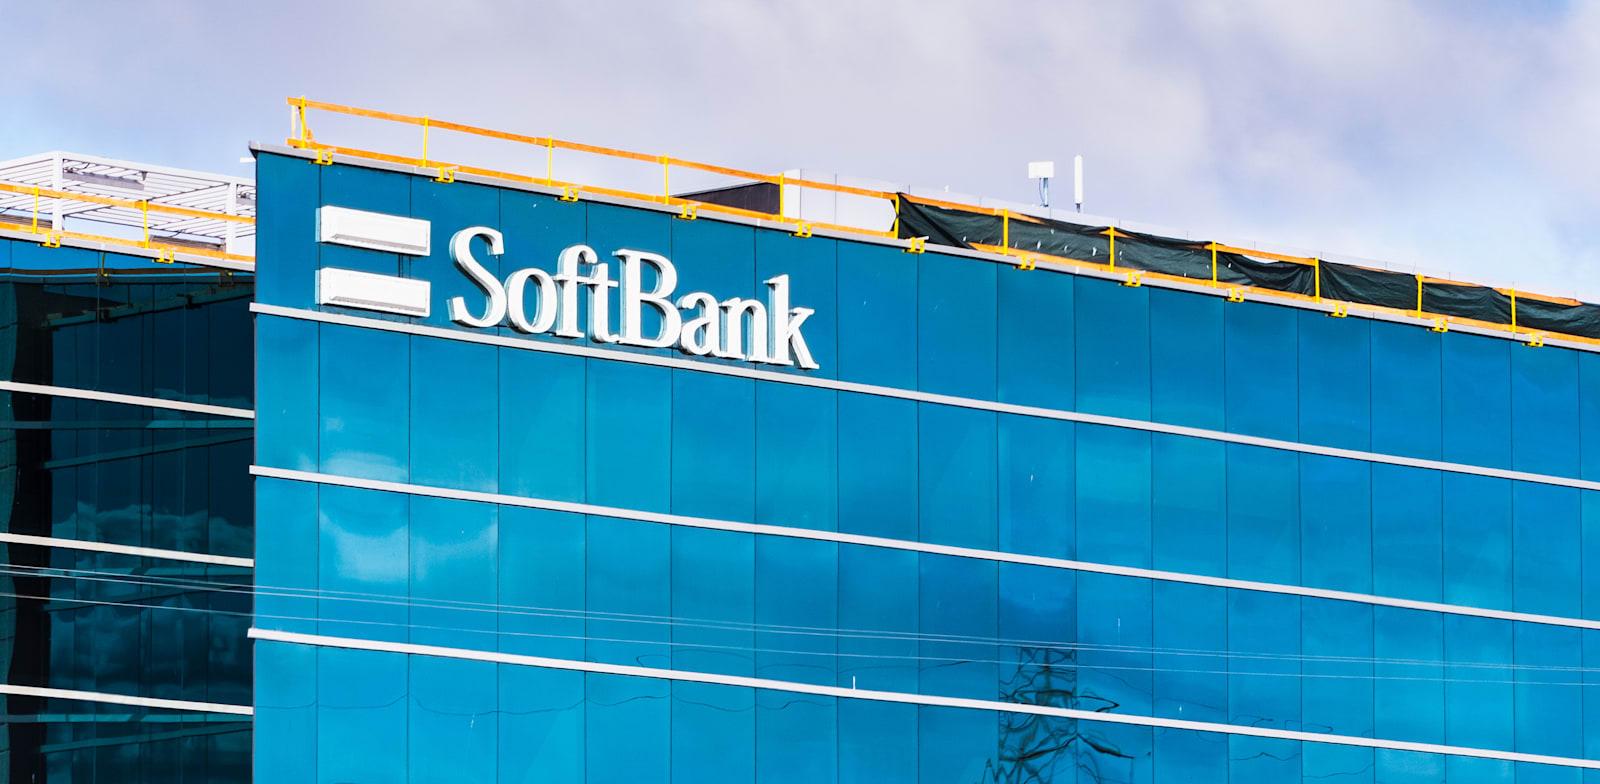 מטה סופטבנק בעמק הסיליקון / צילום: Shutterstock, Sundry Photography